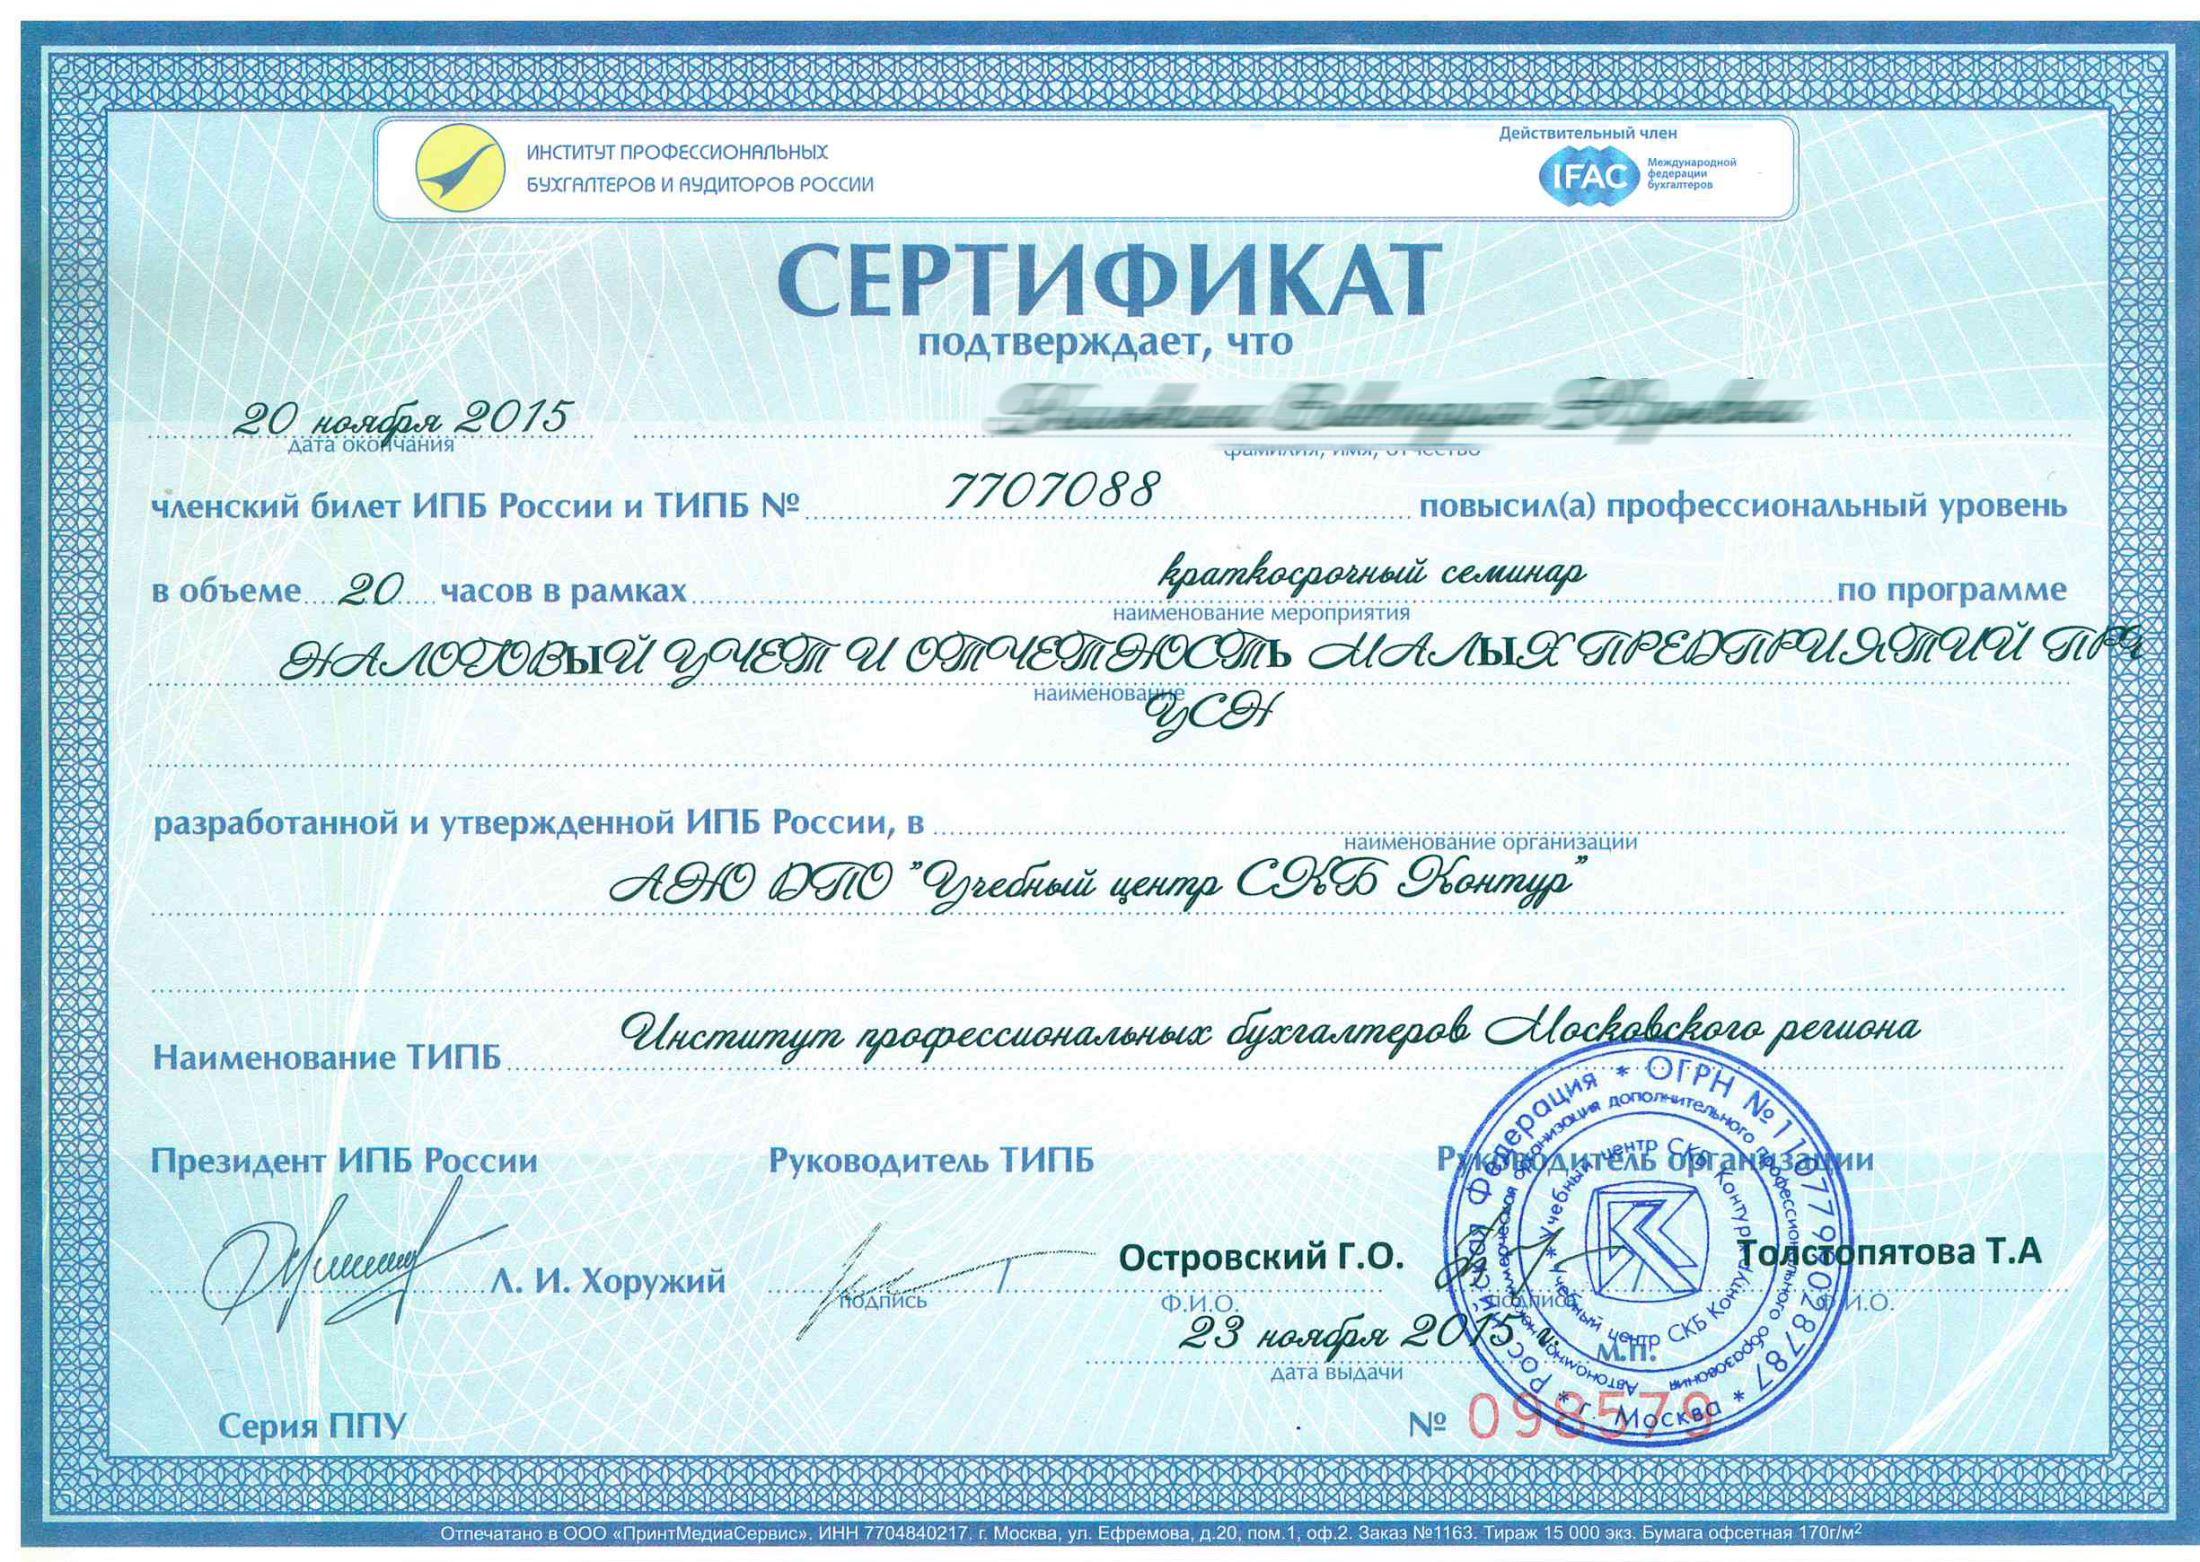 Сертификат Для профбухгалтера - сертификат ИПБР (по запросу)